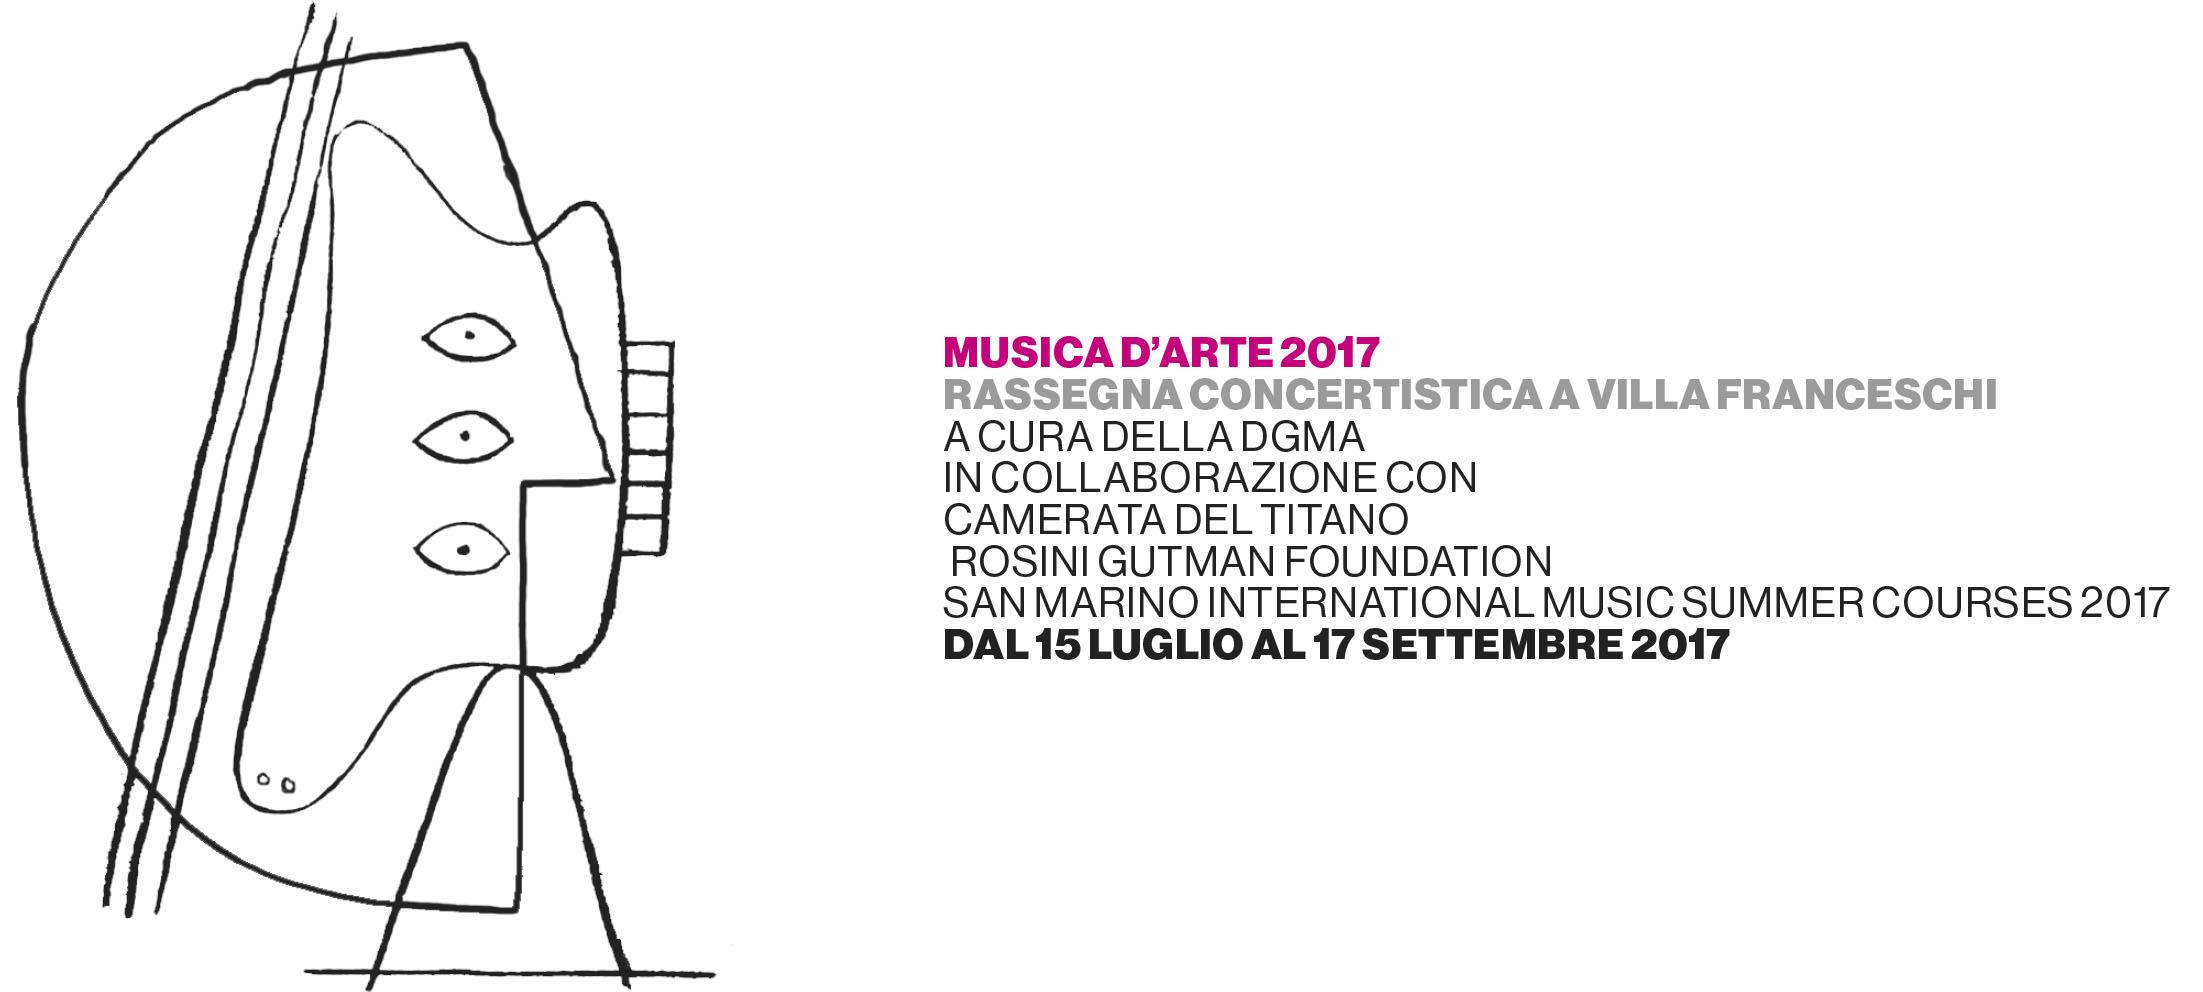 MUSICA D'ARTE 2017 - II° edizione